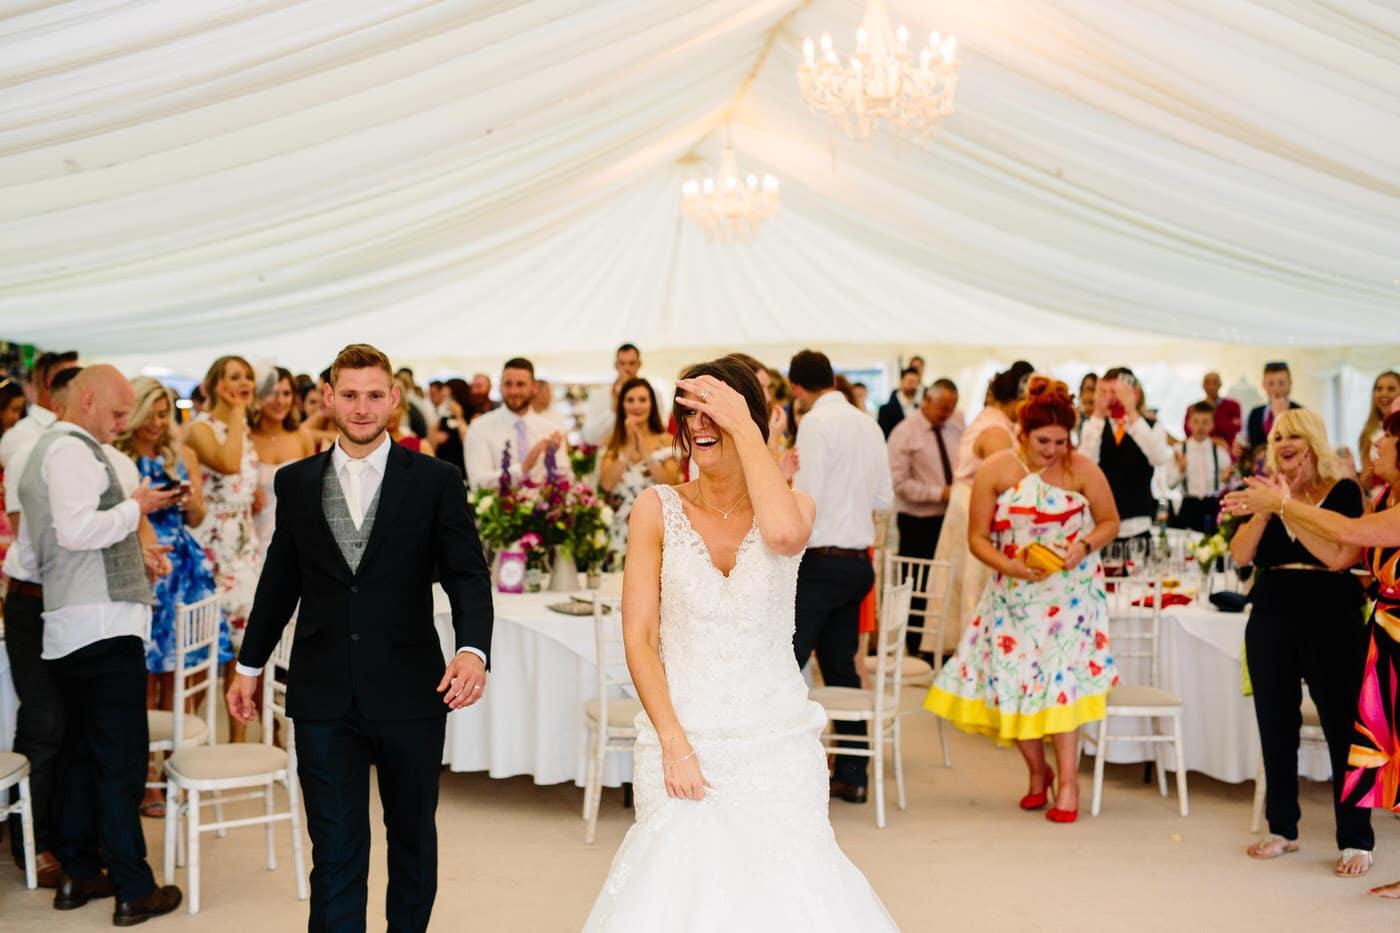 SG NORTH WALES WEDDING 1263